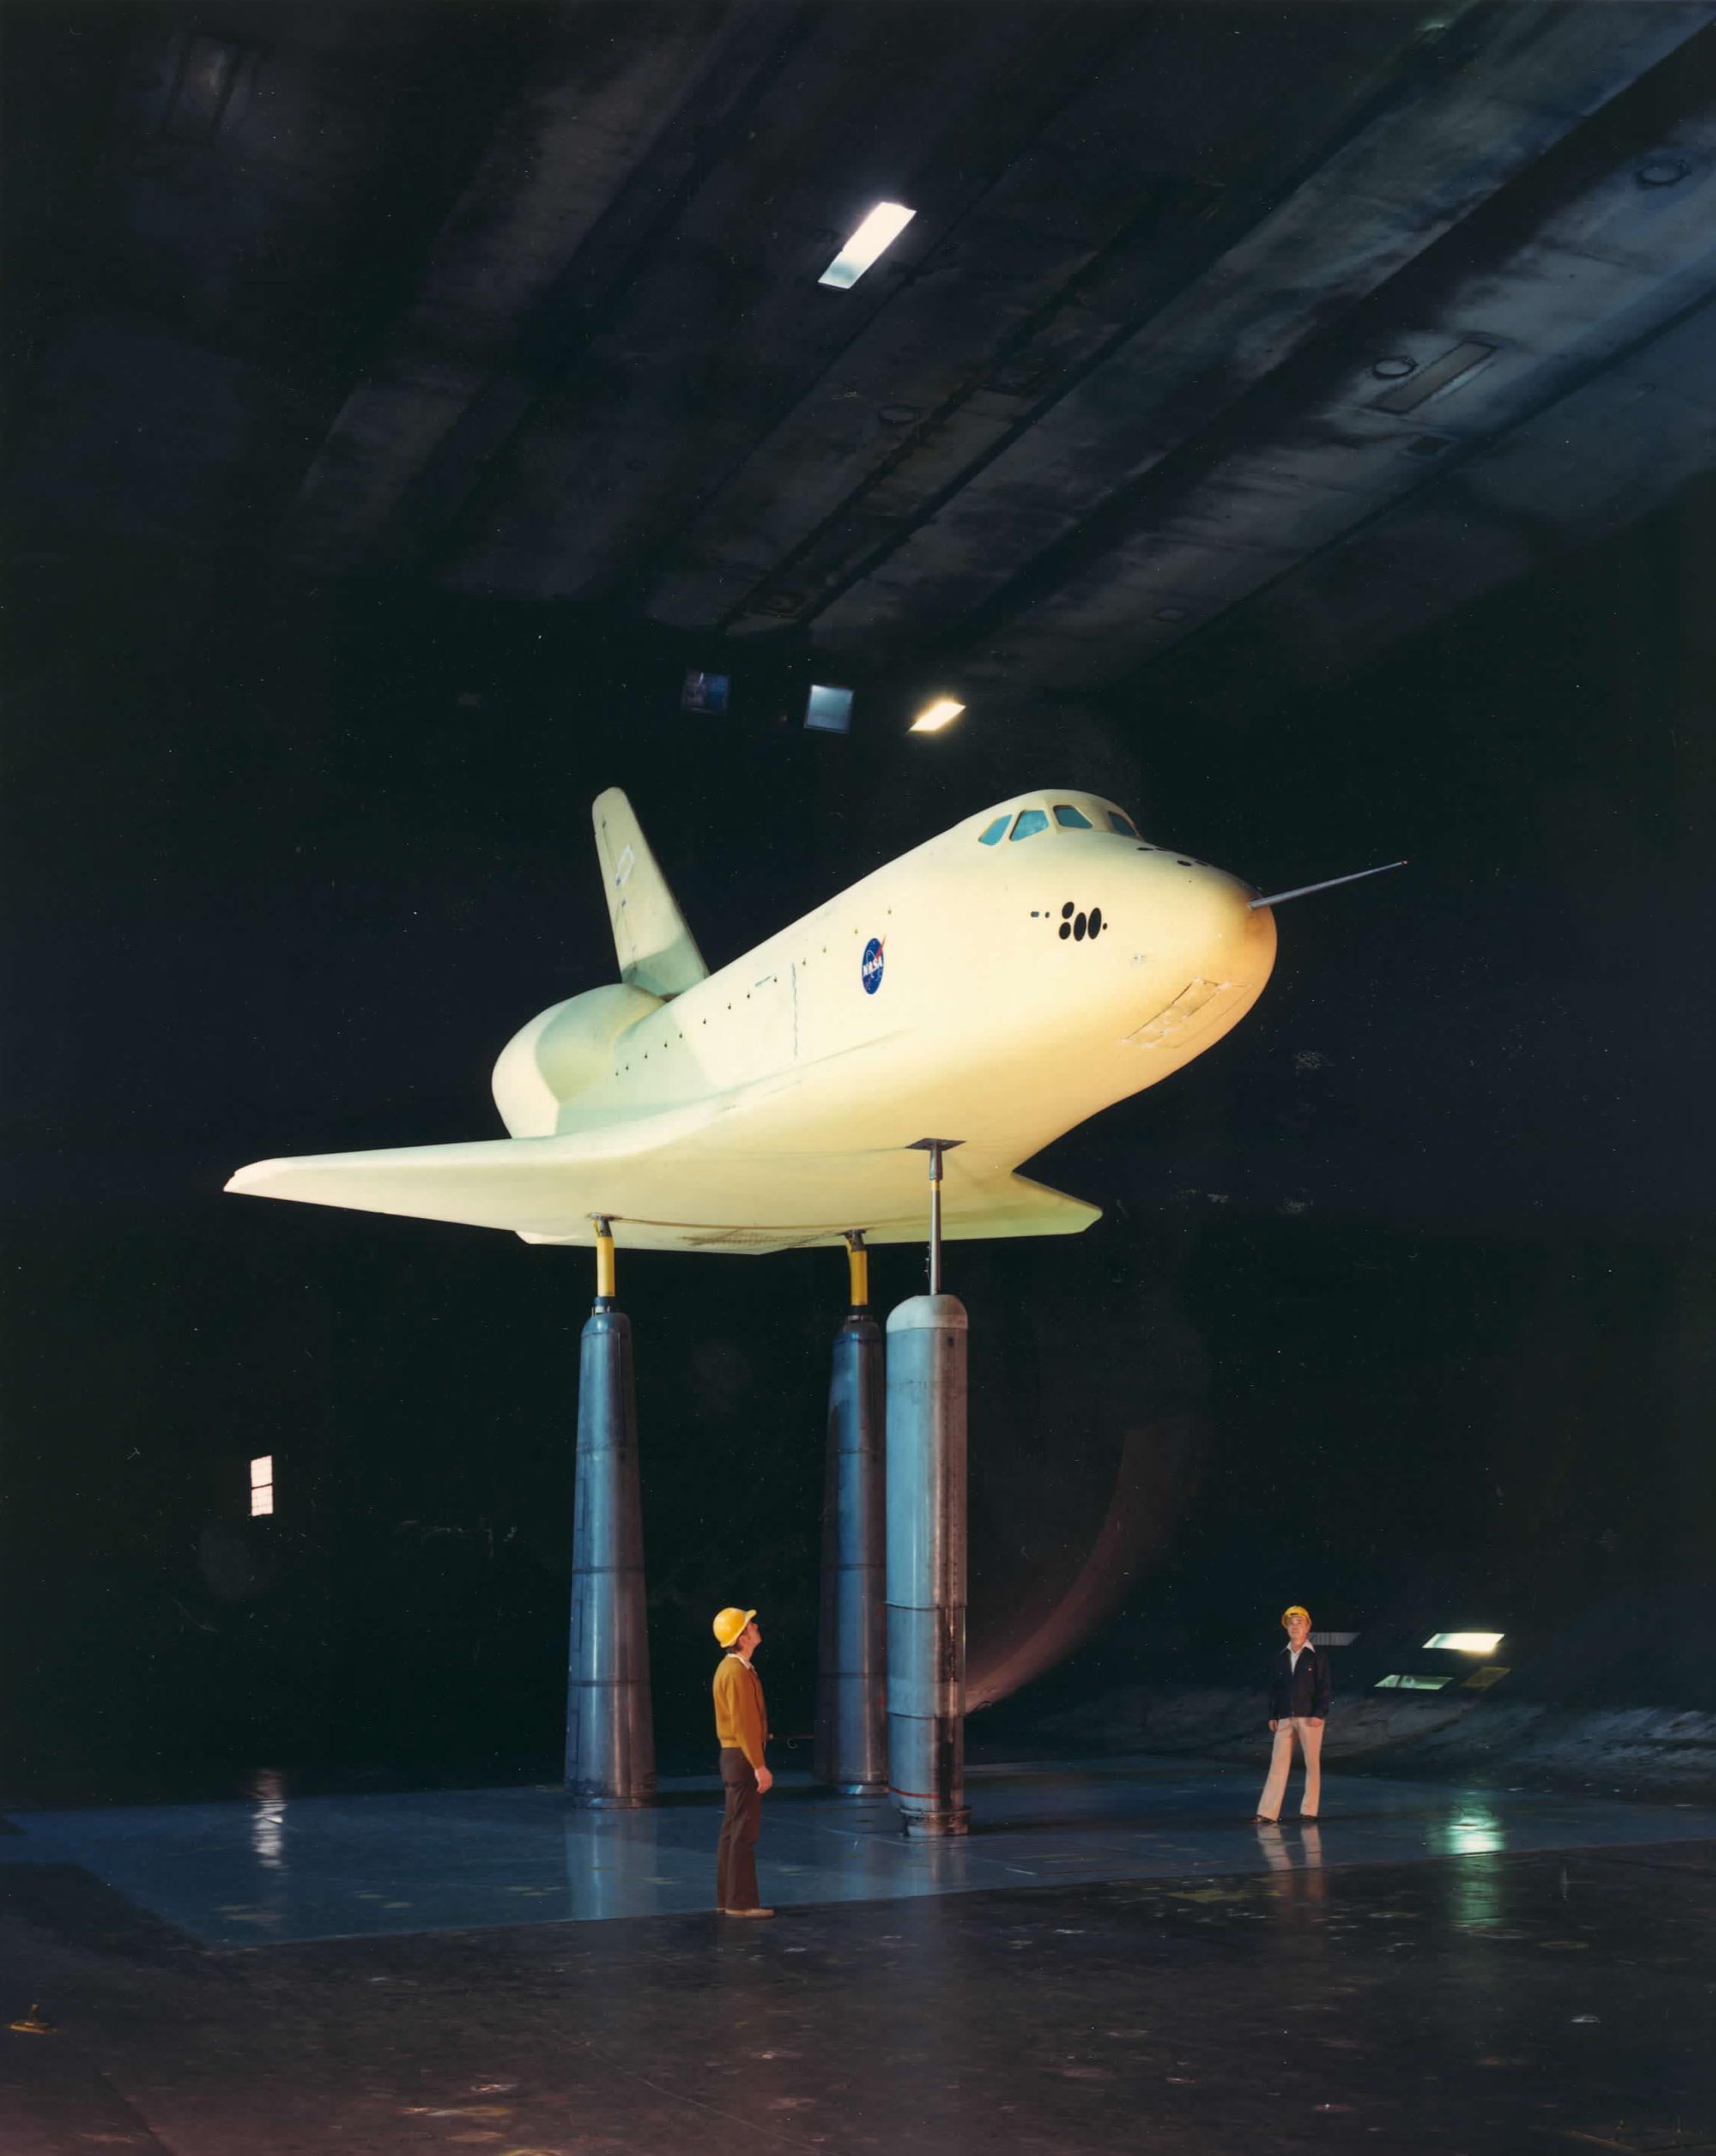 spacecraft wind - photo #26